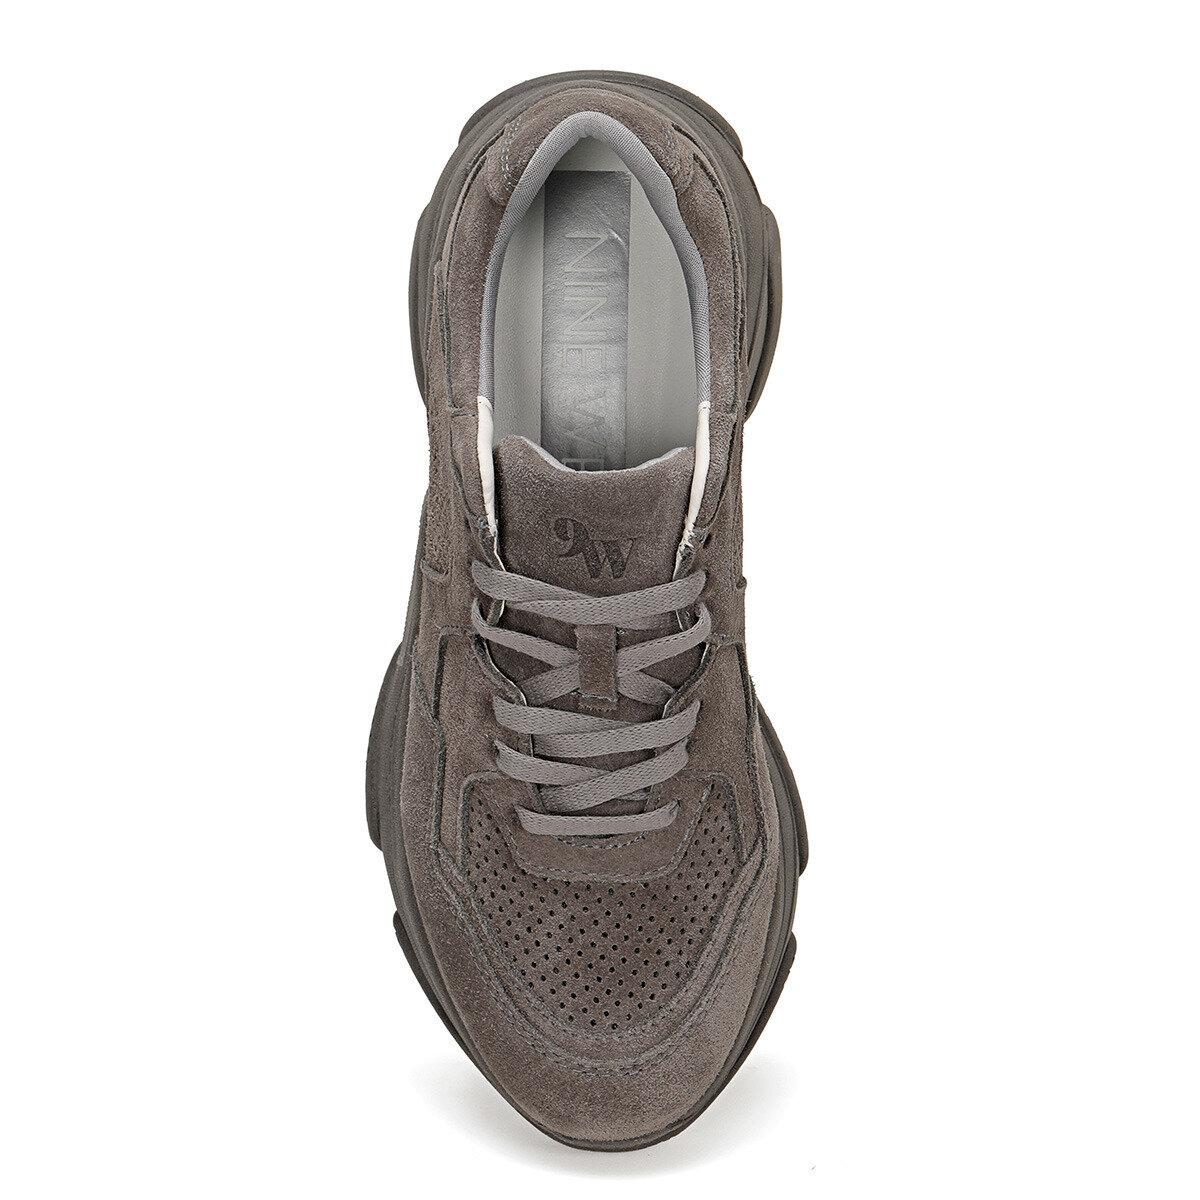 ALANIS Koyu Gri Kadın Sneaker